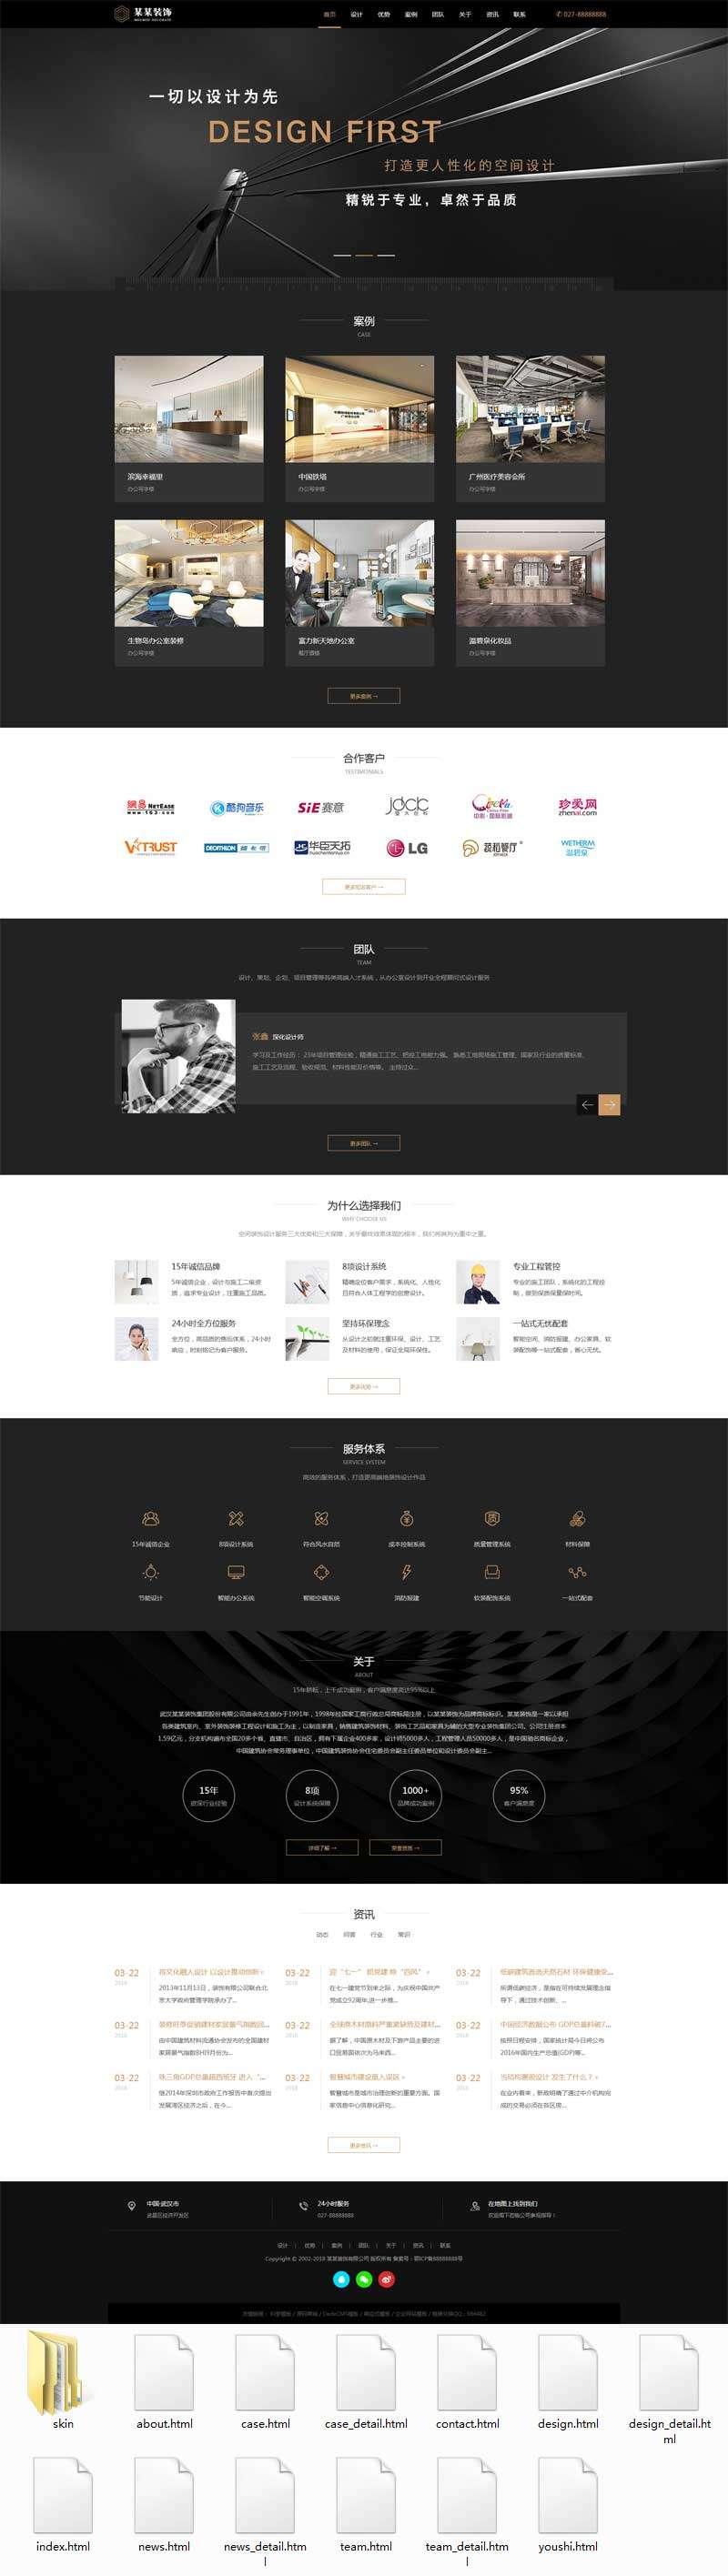 黑色大气的建筑装饰设计类网站bootstrap模板